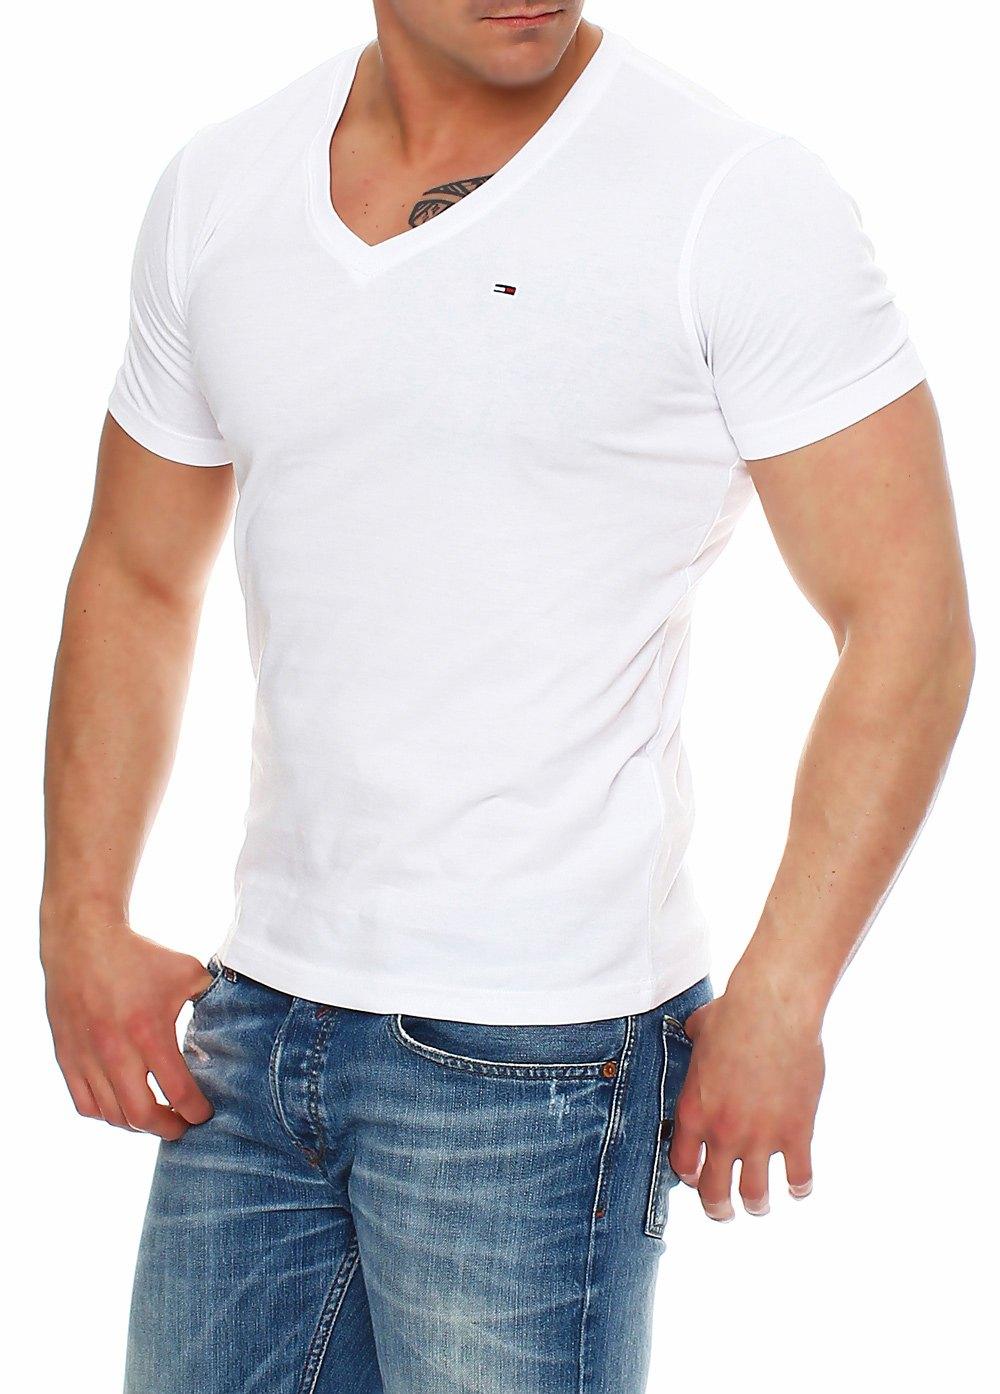 tommy hilfiger denim t shirt shirt v neck tee 1957888835 s. Black Bedroom Furniture Sets. Home Design Ideas